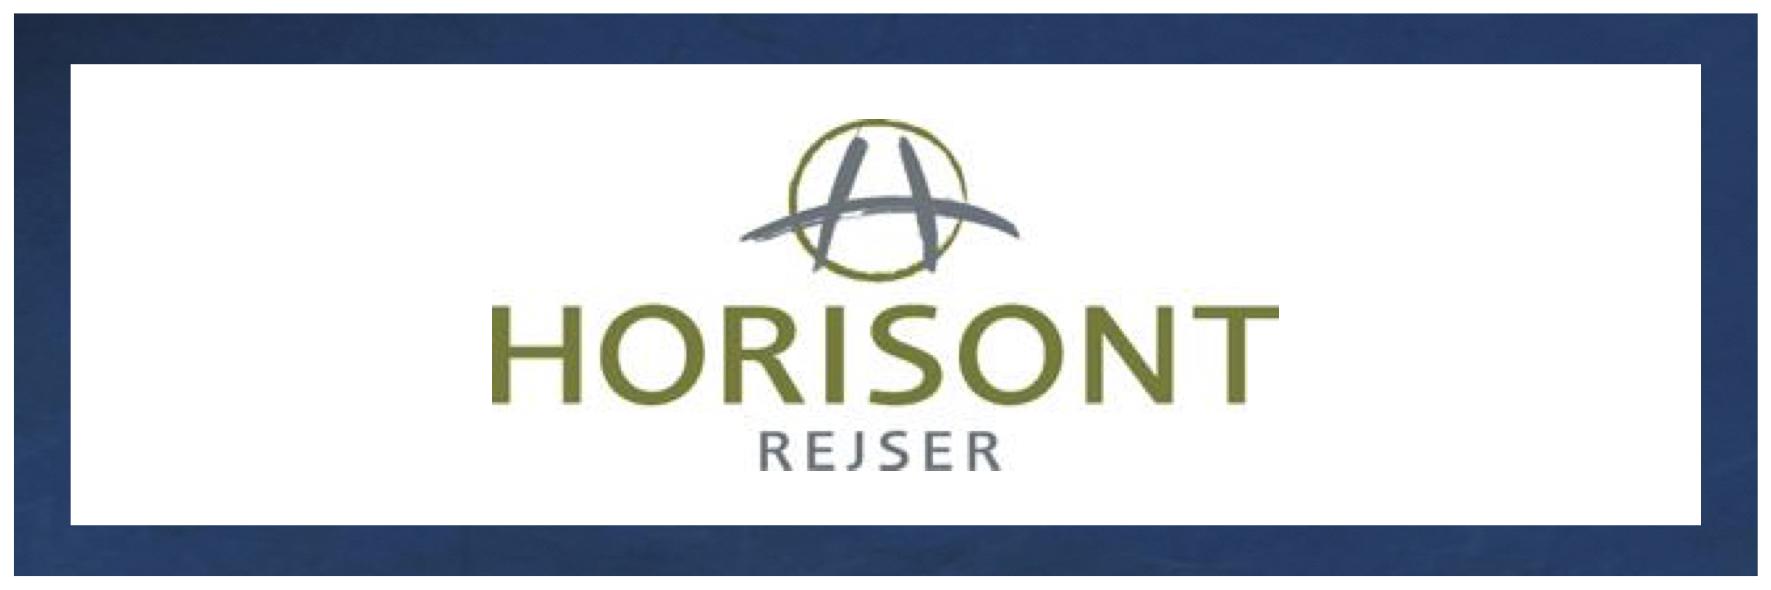 Hjemmeside-Banner-Horisont-rejser